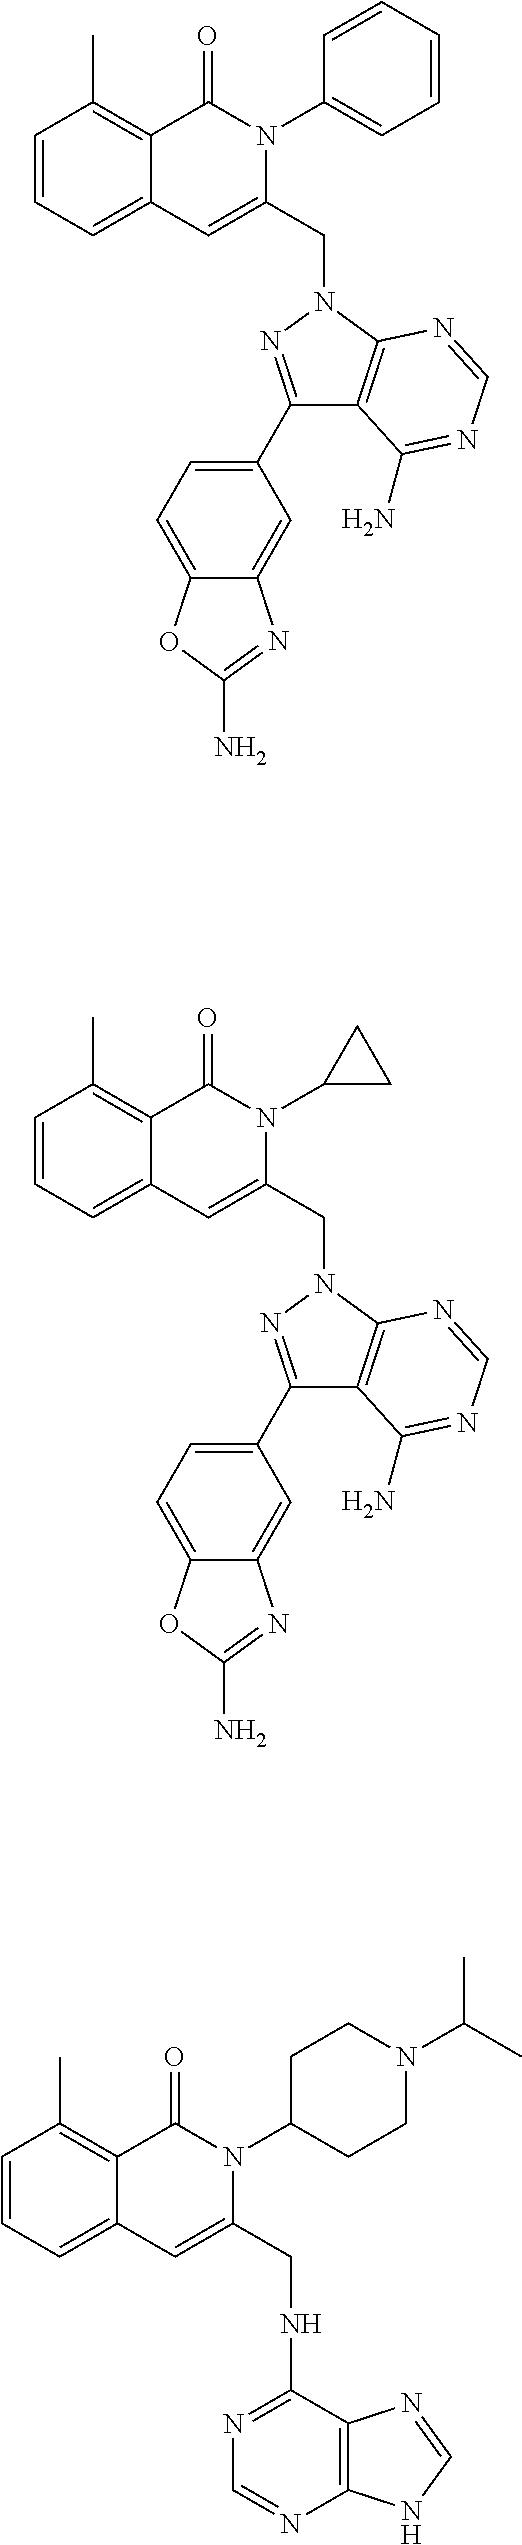 Figure US09216982-20151222-C00283